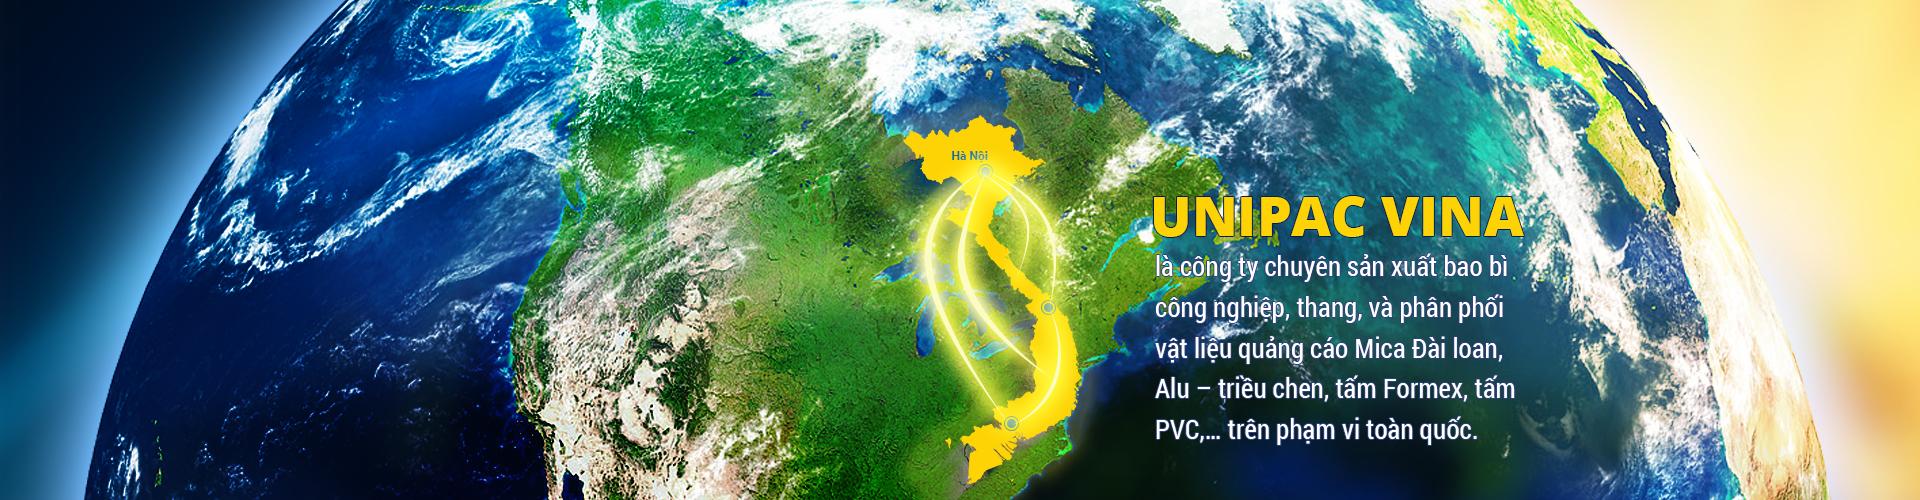 unipac-1